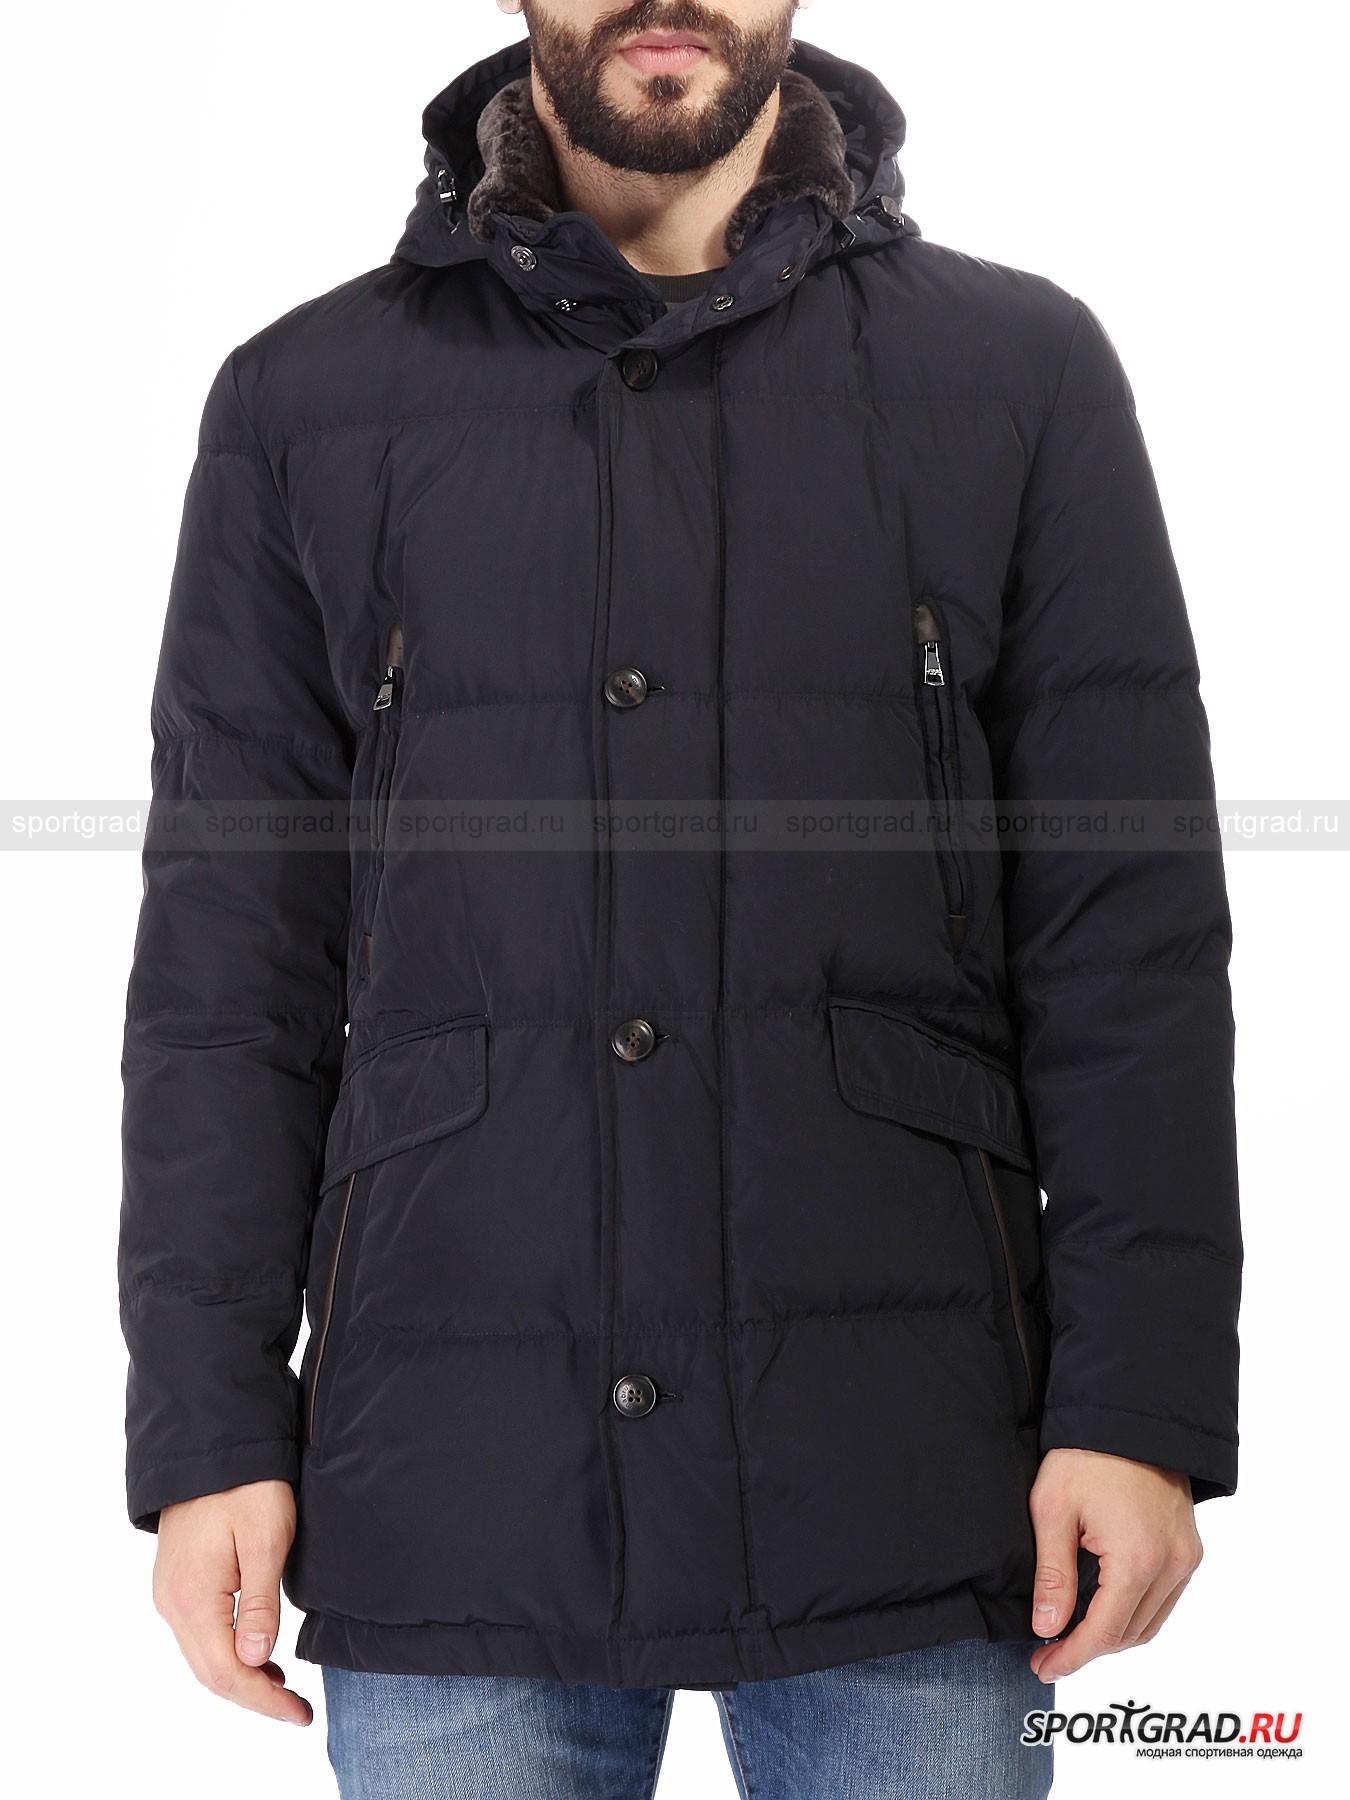 Мужская куртка MABRUN DiaseoКуртки<br>Mabrun – итальянский бренд, берущий свое начало в 30-х годах прошлого века. Основной специализацией компании является производство стильной и качественной верхней одежды.<br><br>Гениальная по своему дизайну мужская куртка Diaseo обладает обилием интересных деталей. Отстегивающийся утепленный капюшон сочетается с отделкой ворота натуральным мехом барана. Меховая отделка также по мере надобности отстегивается. Использование высокотехнологичного материала изготовления обеспечивает одежду свойством долговечности, а ткань износостойкости. Использованный в качестве утеплителя натуральный наполнитель надежно защищен от проступания наружу. Все карманы куртки утеплены. Надежная верхняя одежда для холодного времени года, которая при этом отличается утонченным силуэтом и аккуратным внешним видом.<br><br>•Удобный капюшон с утяжками<br>•Реверсная фронтальная молния<br>•Дублированная фронтальная застежка на пуговицах<br>•Двойные поясные карманы<br>•2 нагрудных и 2 внутренних кармана на молнии<br><br>Пол: Мужской<br>Возраст: Взрослый<br>Тип: Куртки<br>Рекомендации по уходу: Деликатная стирка при 30С, не отбеливать, не сушить в барабане стиральной машины, гладить при температуре на выше 110С, химчистка запрещена.<br>Состав: 100% полиэстер, утеплитель – 90% пух/10% перо, отделка – 100% бараний мех.